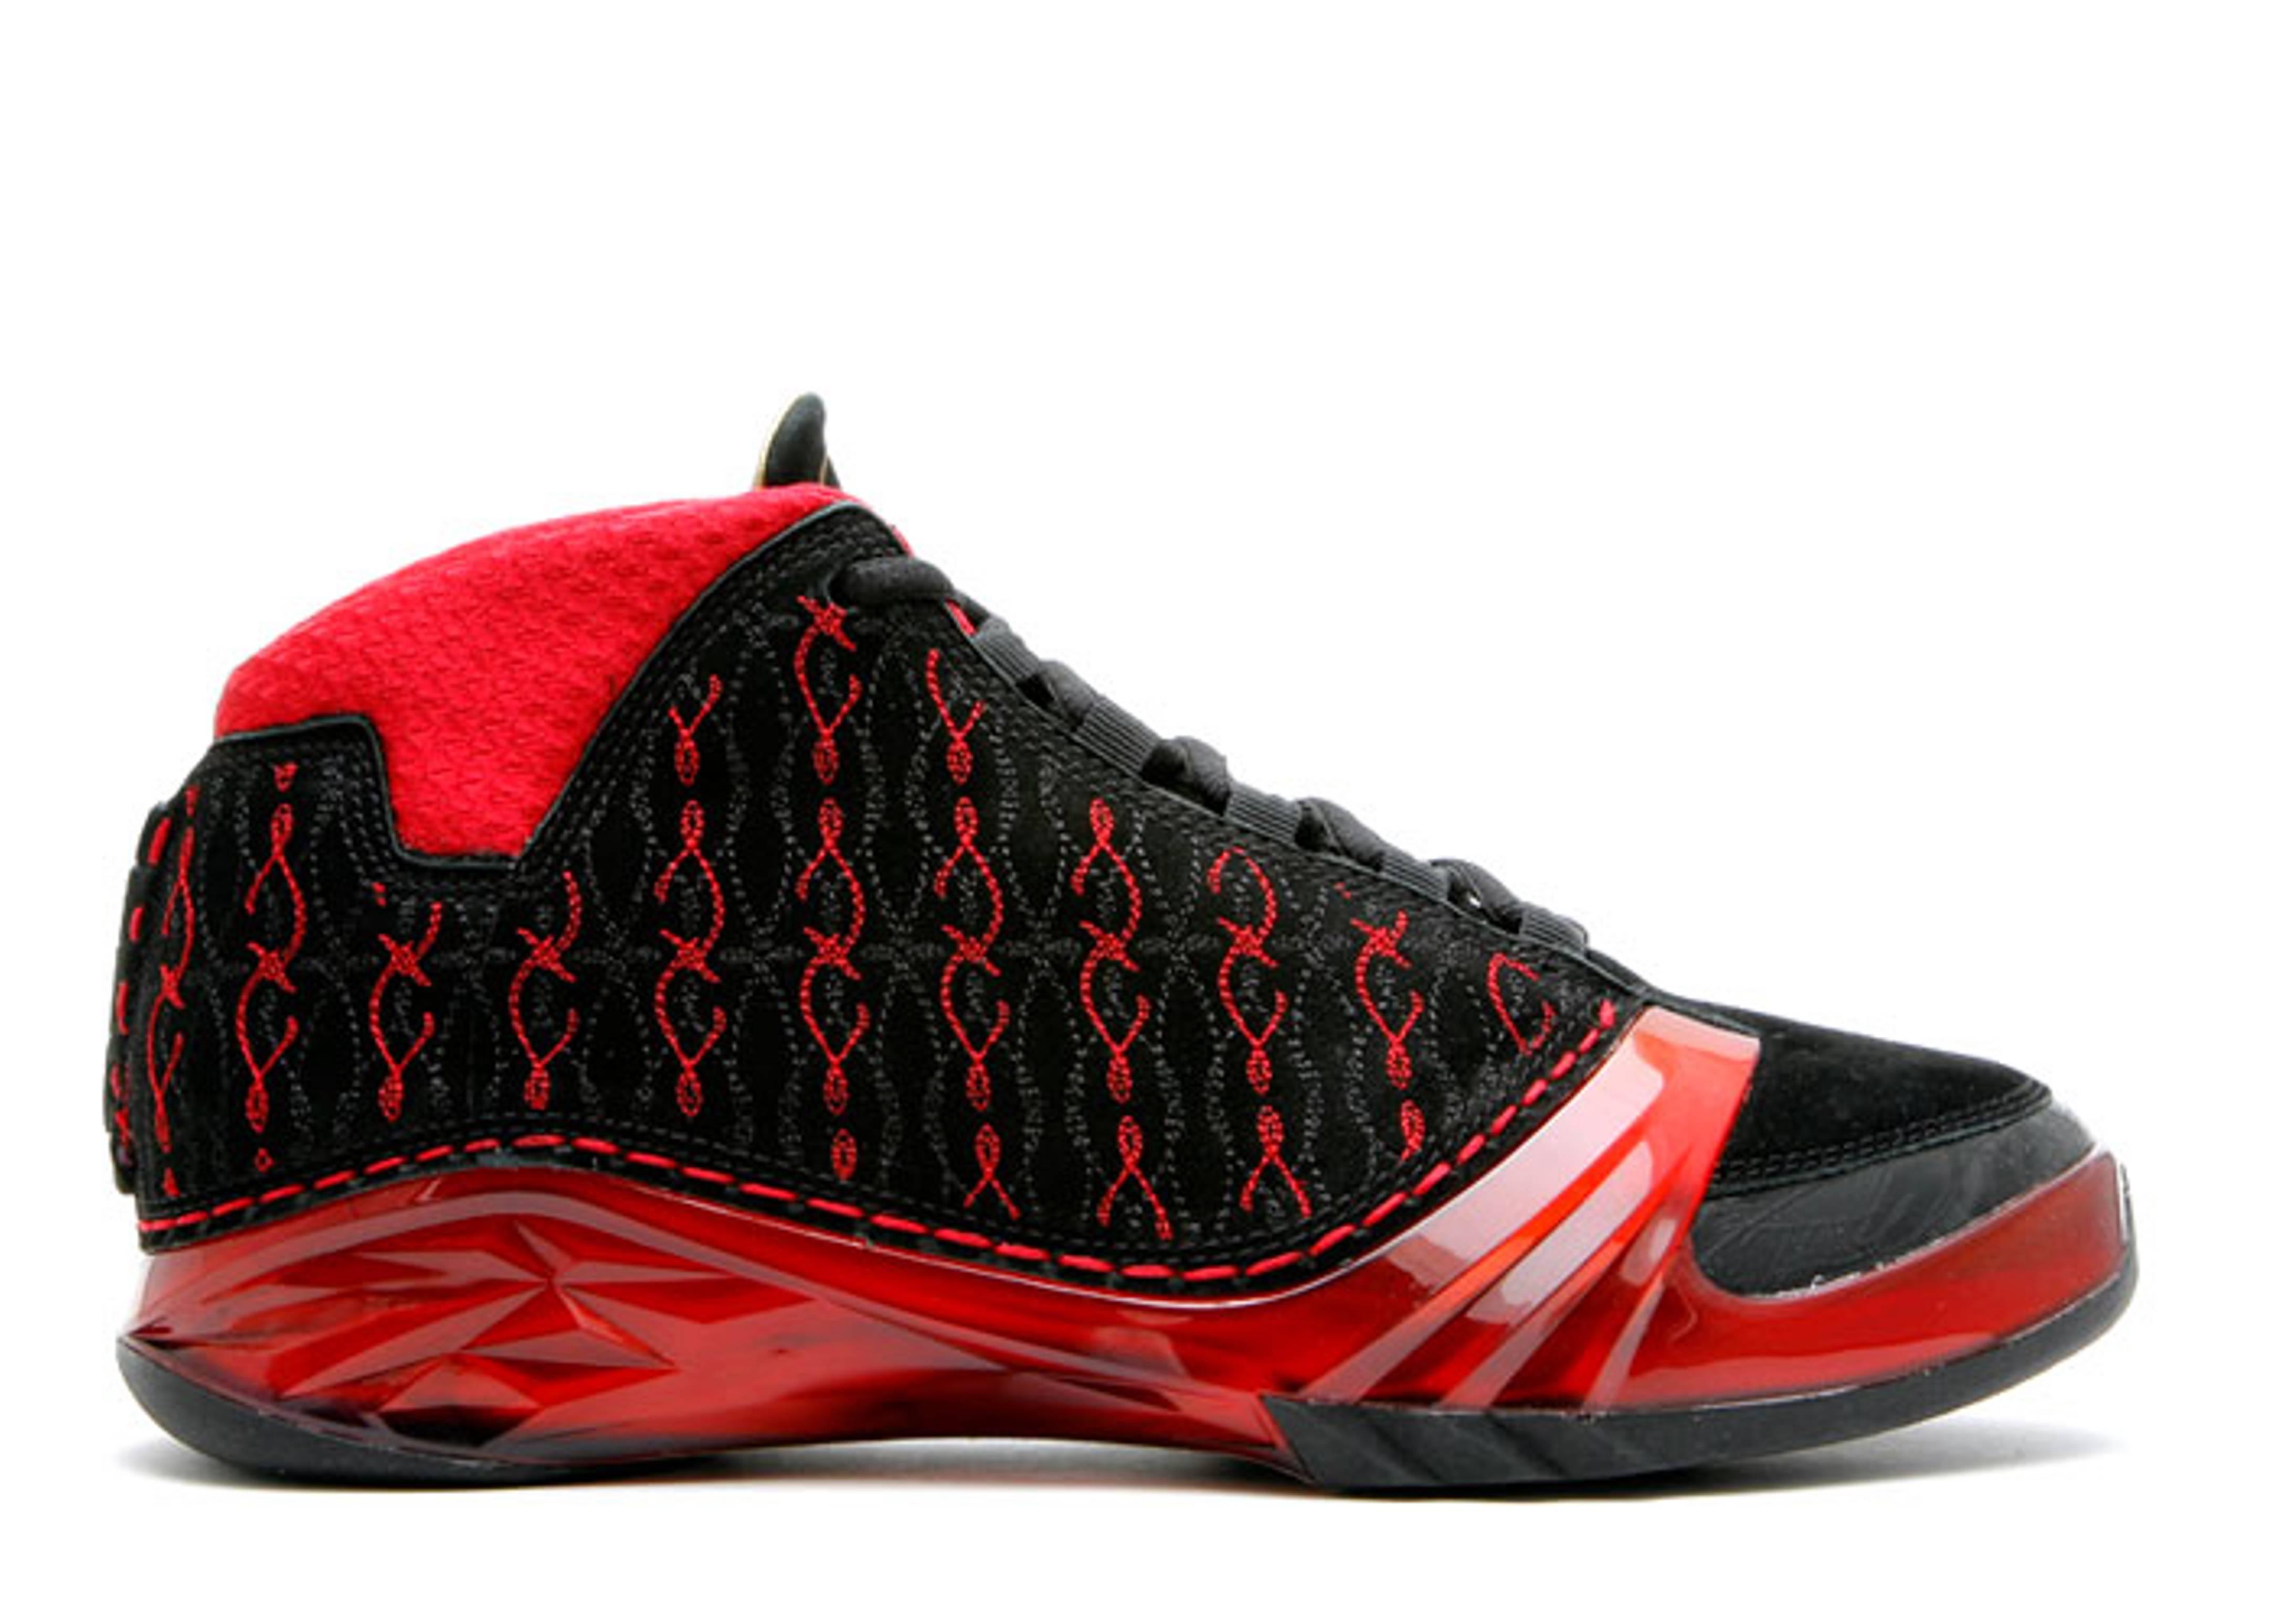 Air Jordan 23 Noir De Premier / Fac-ciment Gris Rouge jeu 2014 unisexe Iy2up0KBCq